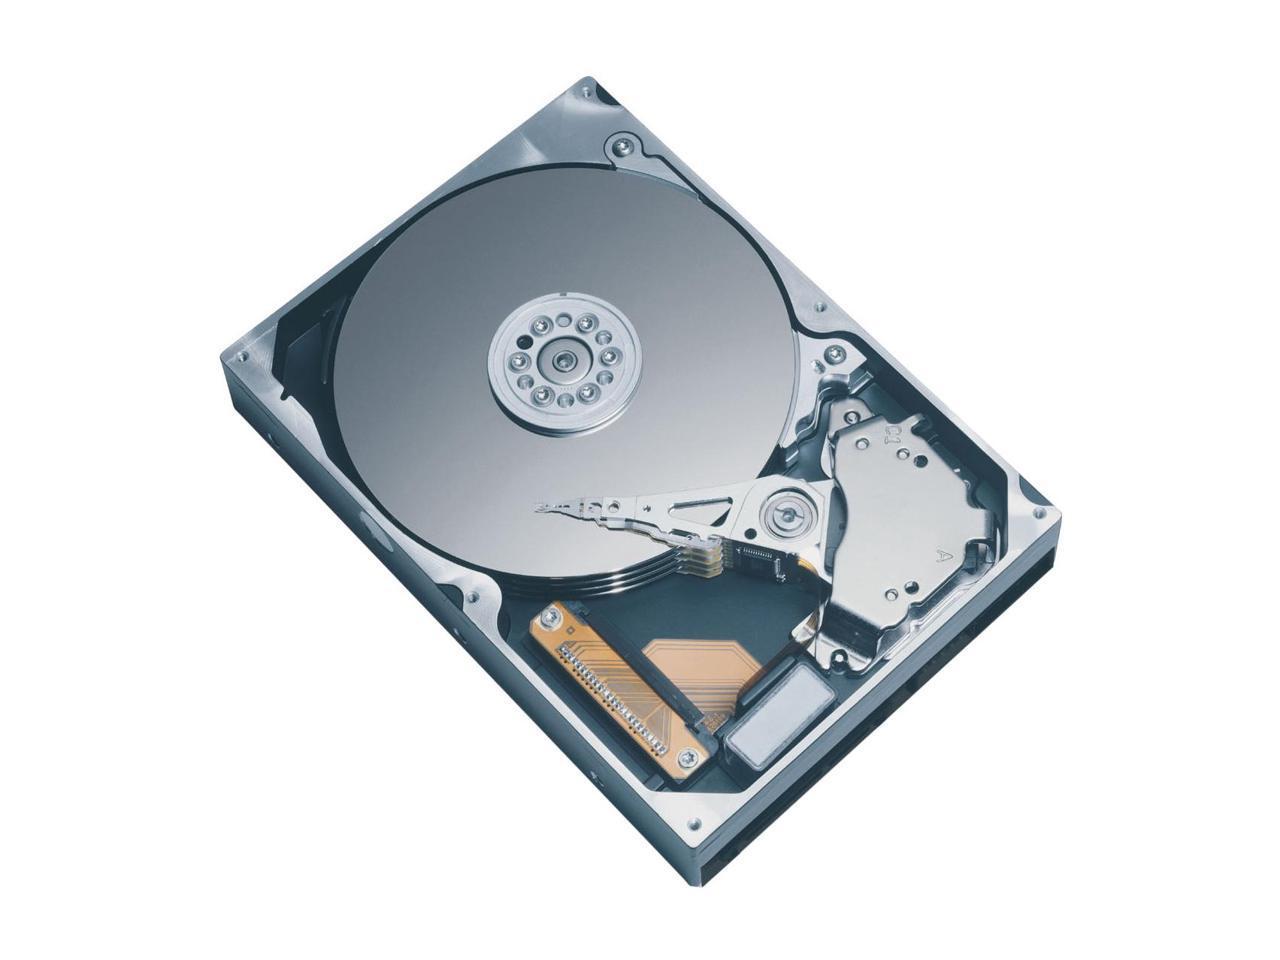 Western Digital WD2000JB-00REA0 200GB Internal Hard Drive